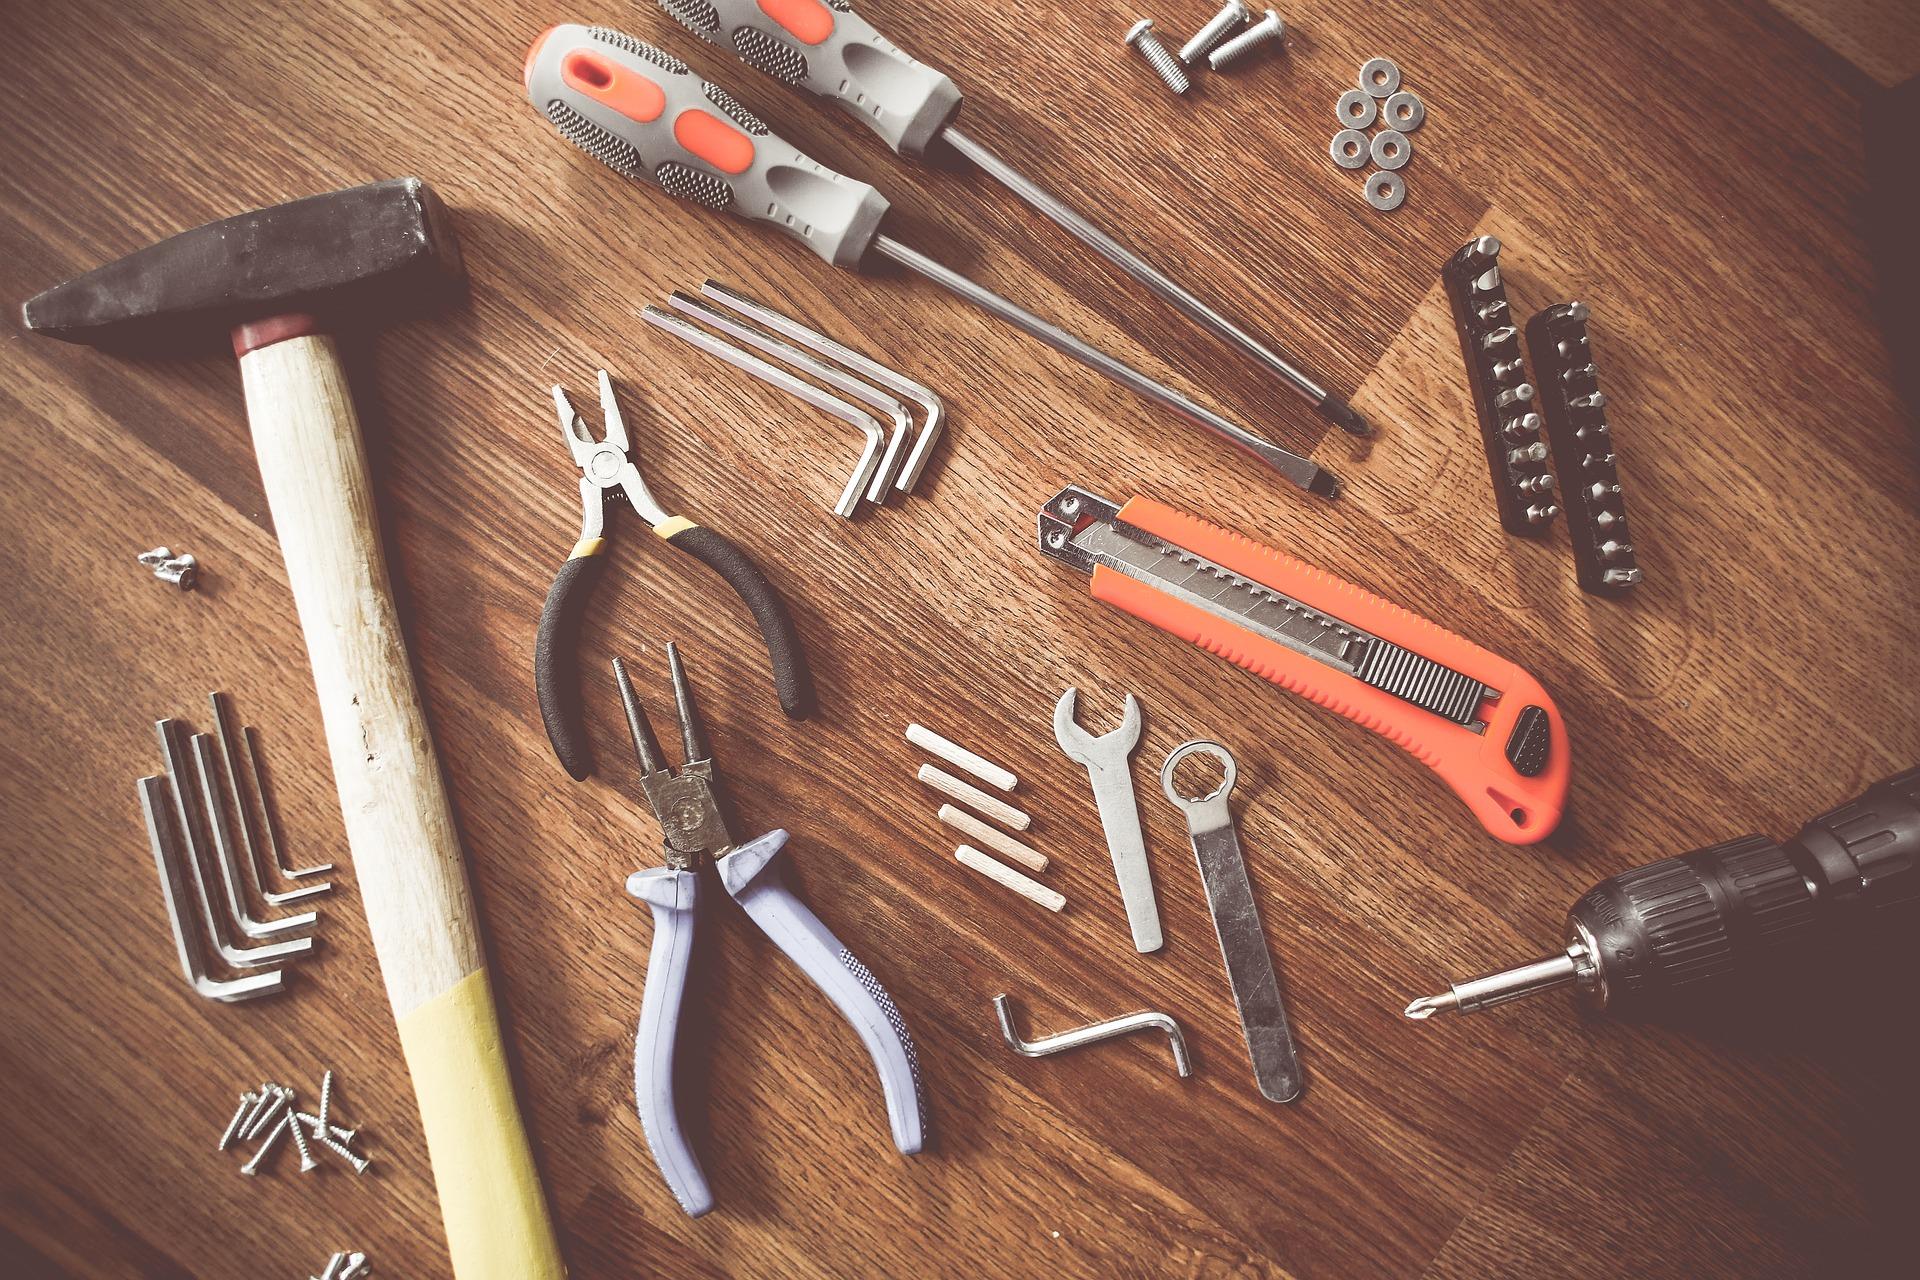 Ohne dieses Werkzeug wirst du beim imkern garantiert scheitern